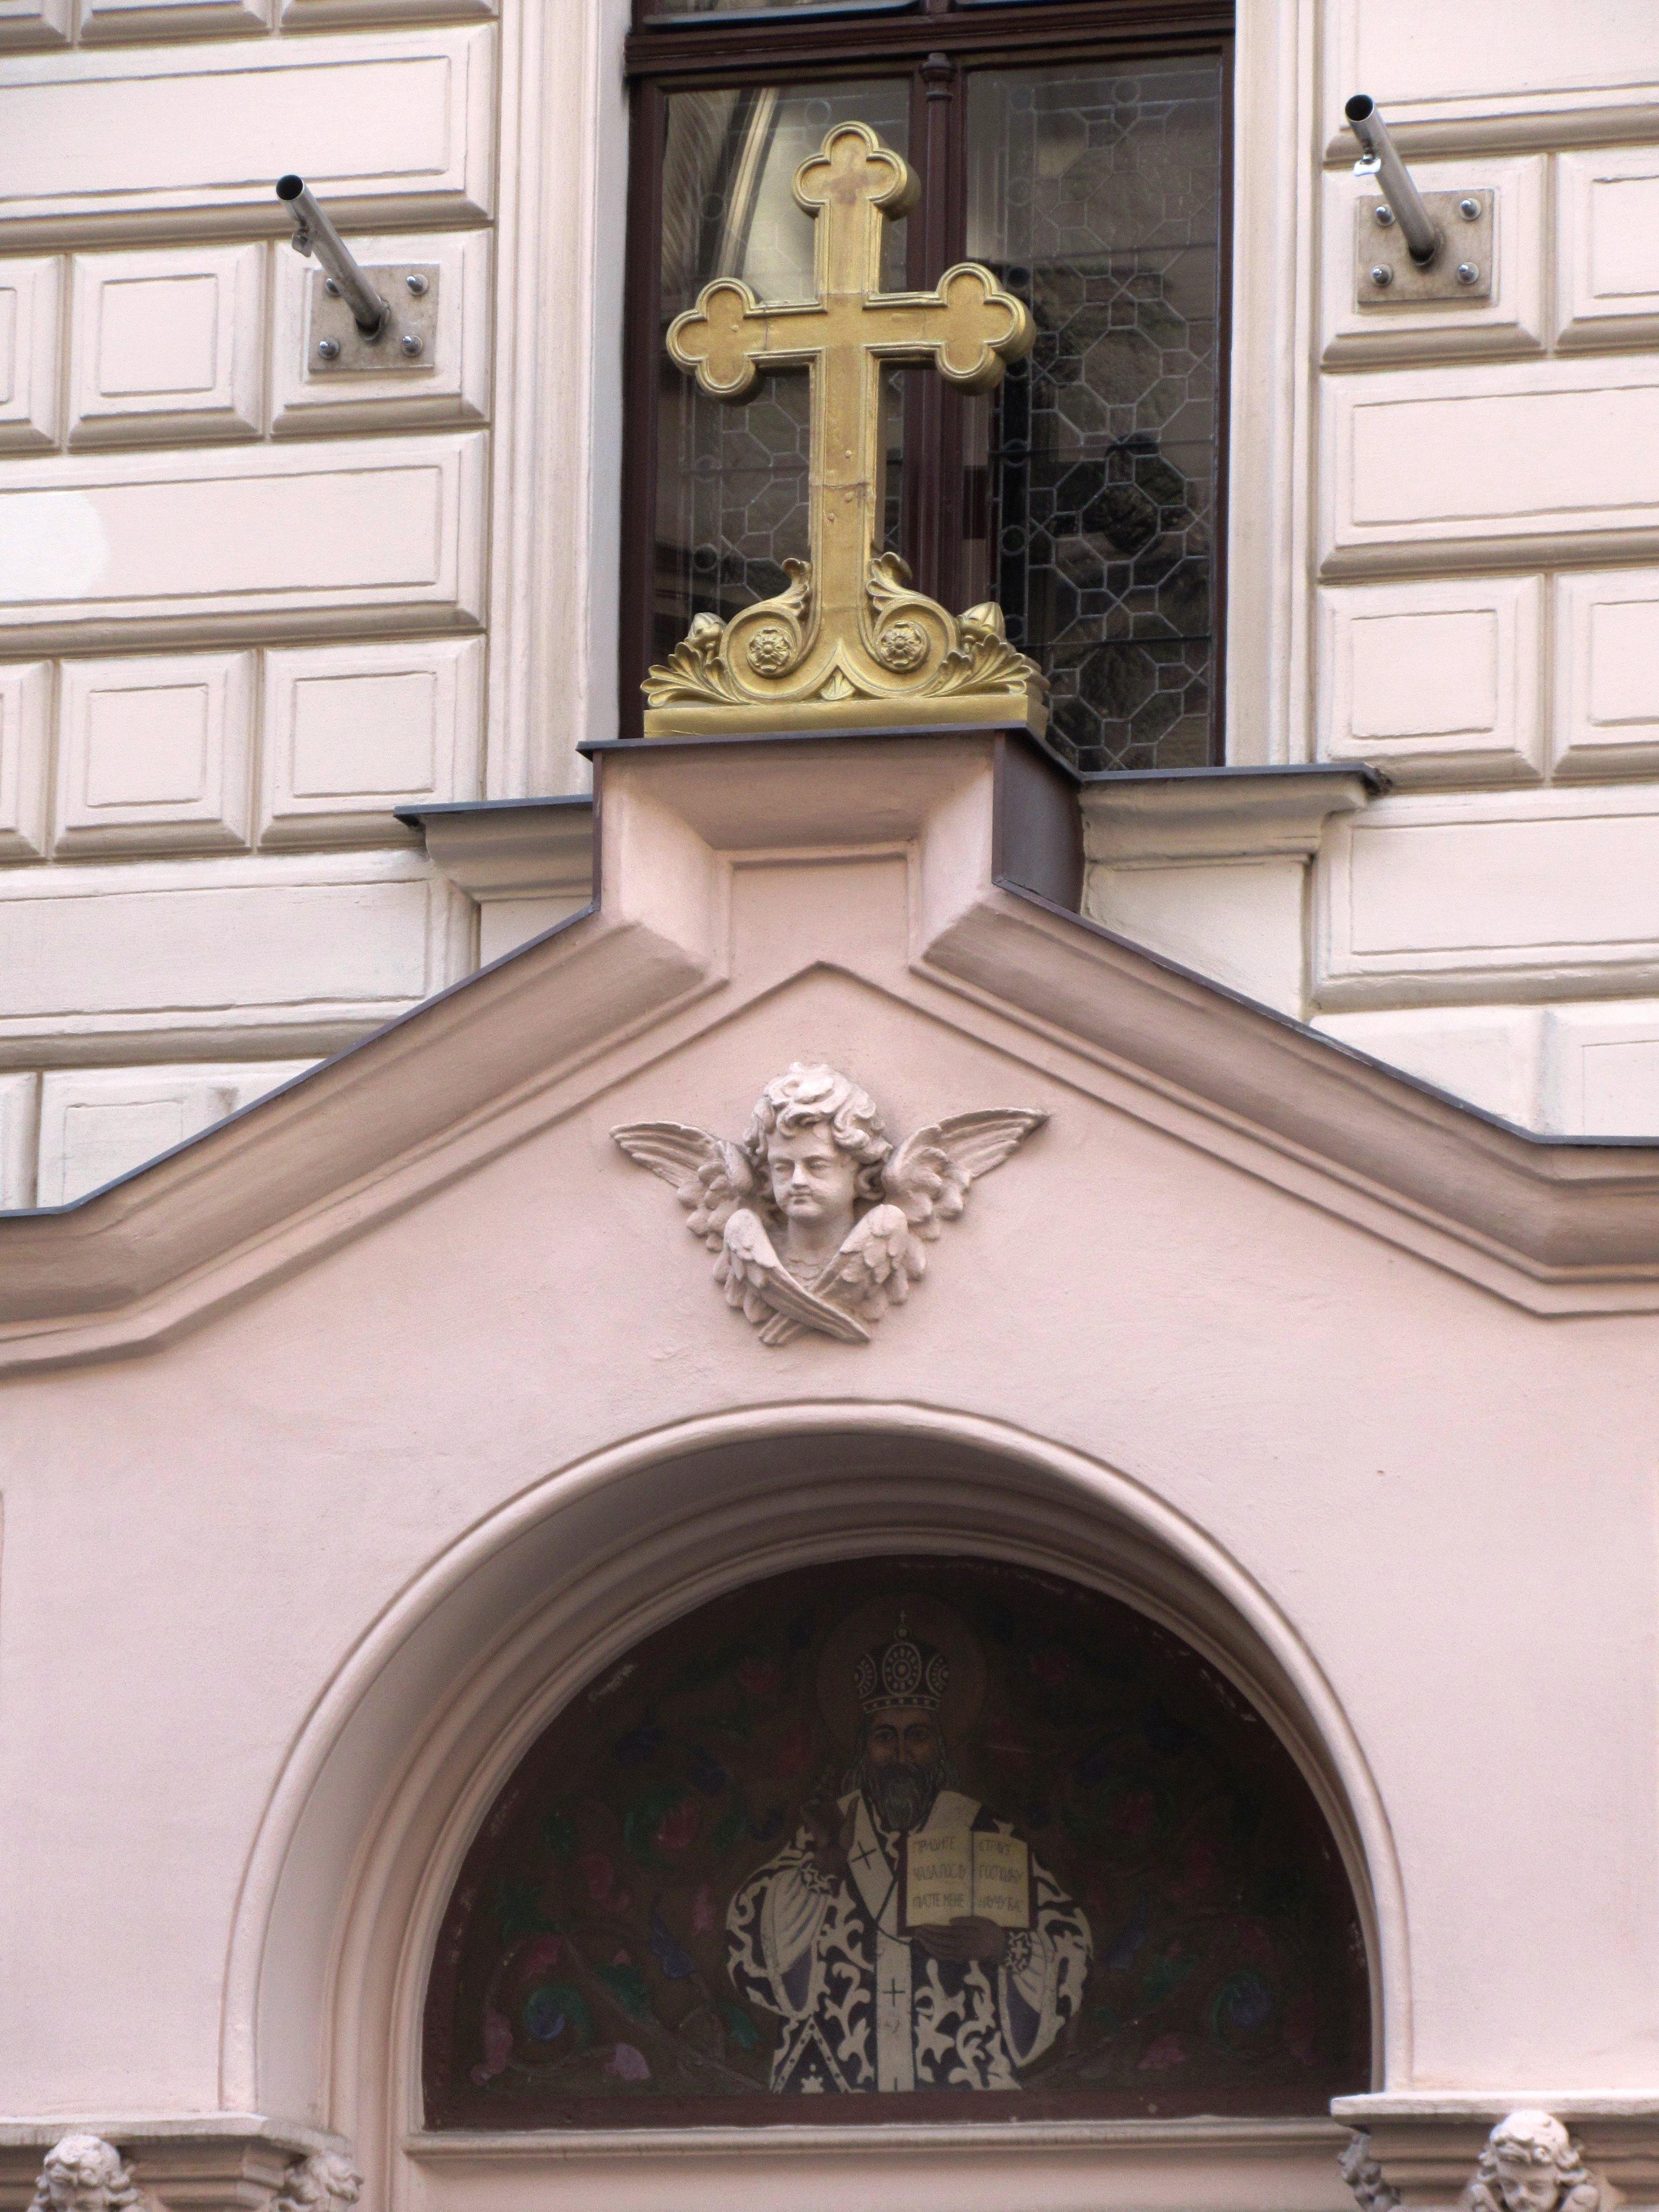 Srpska pravoslavna crkva Sveti Sava u Beču. (Centralni hram Eparhije austrijsko-švajcarske). Adresa: Veithgasse 3 1030